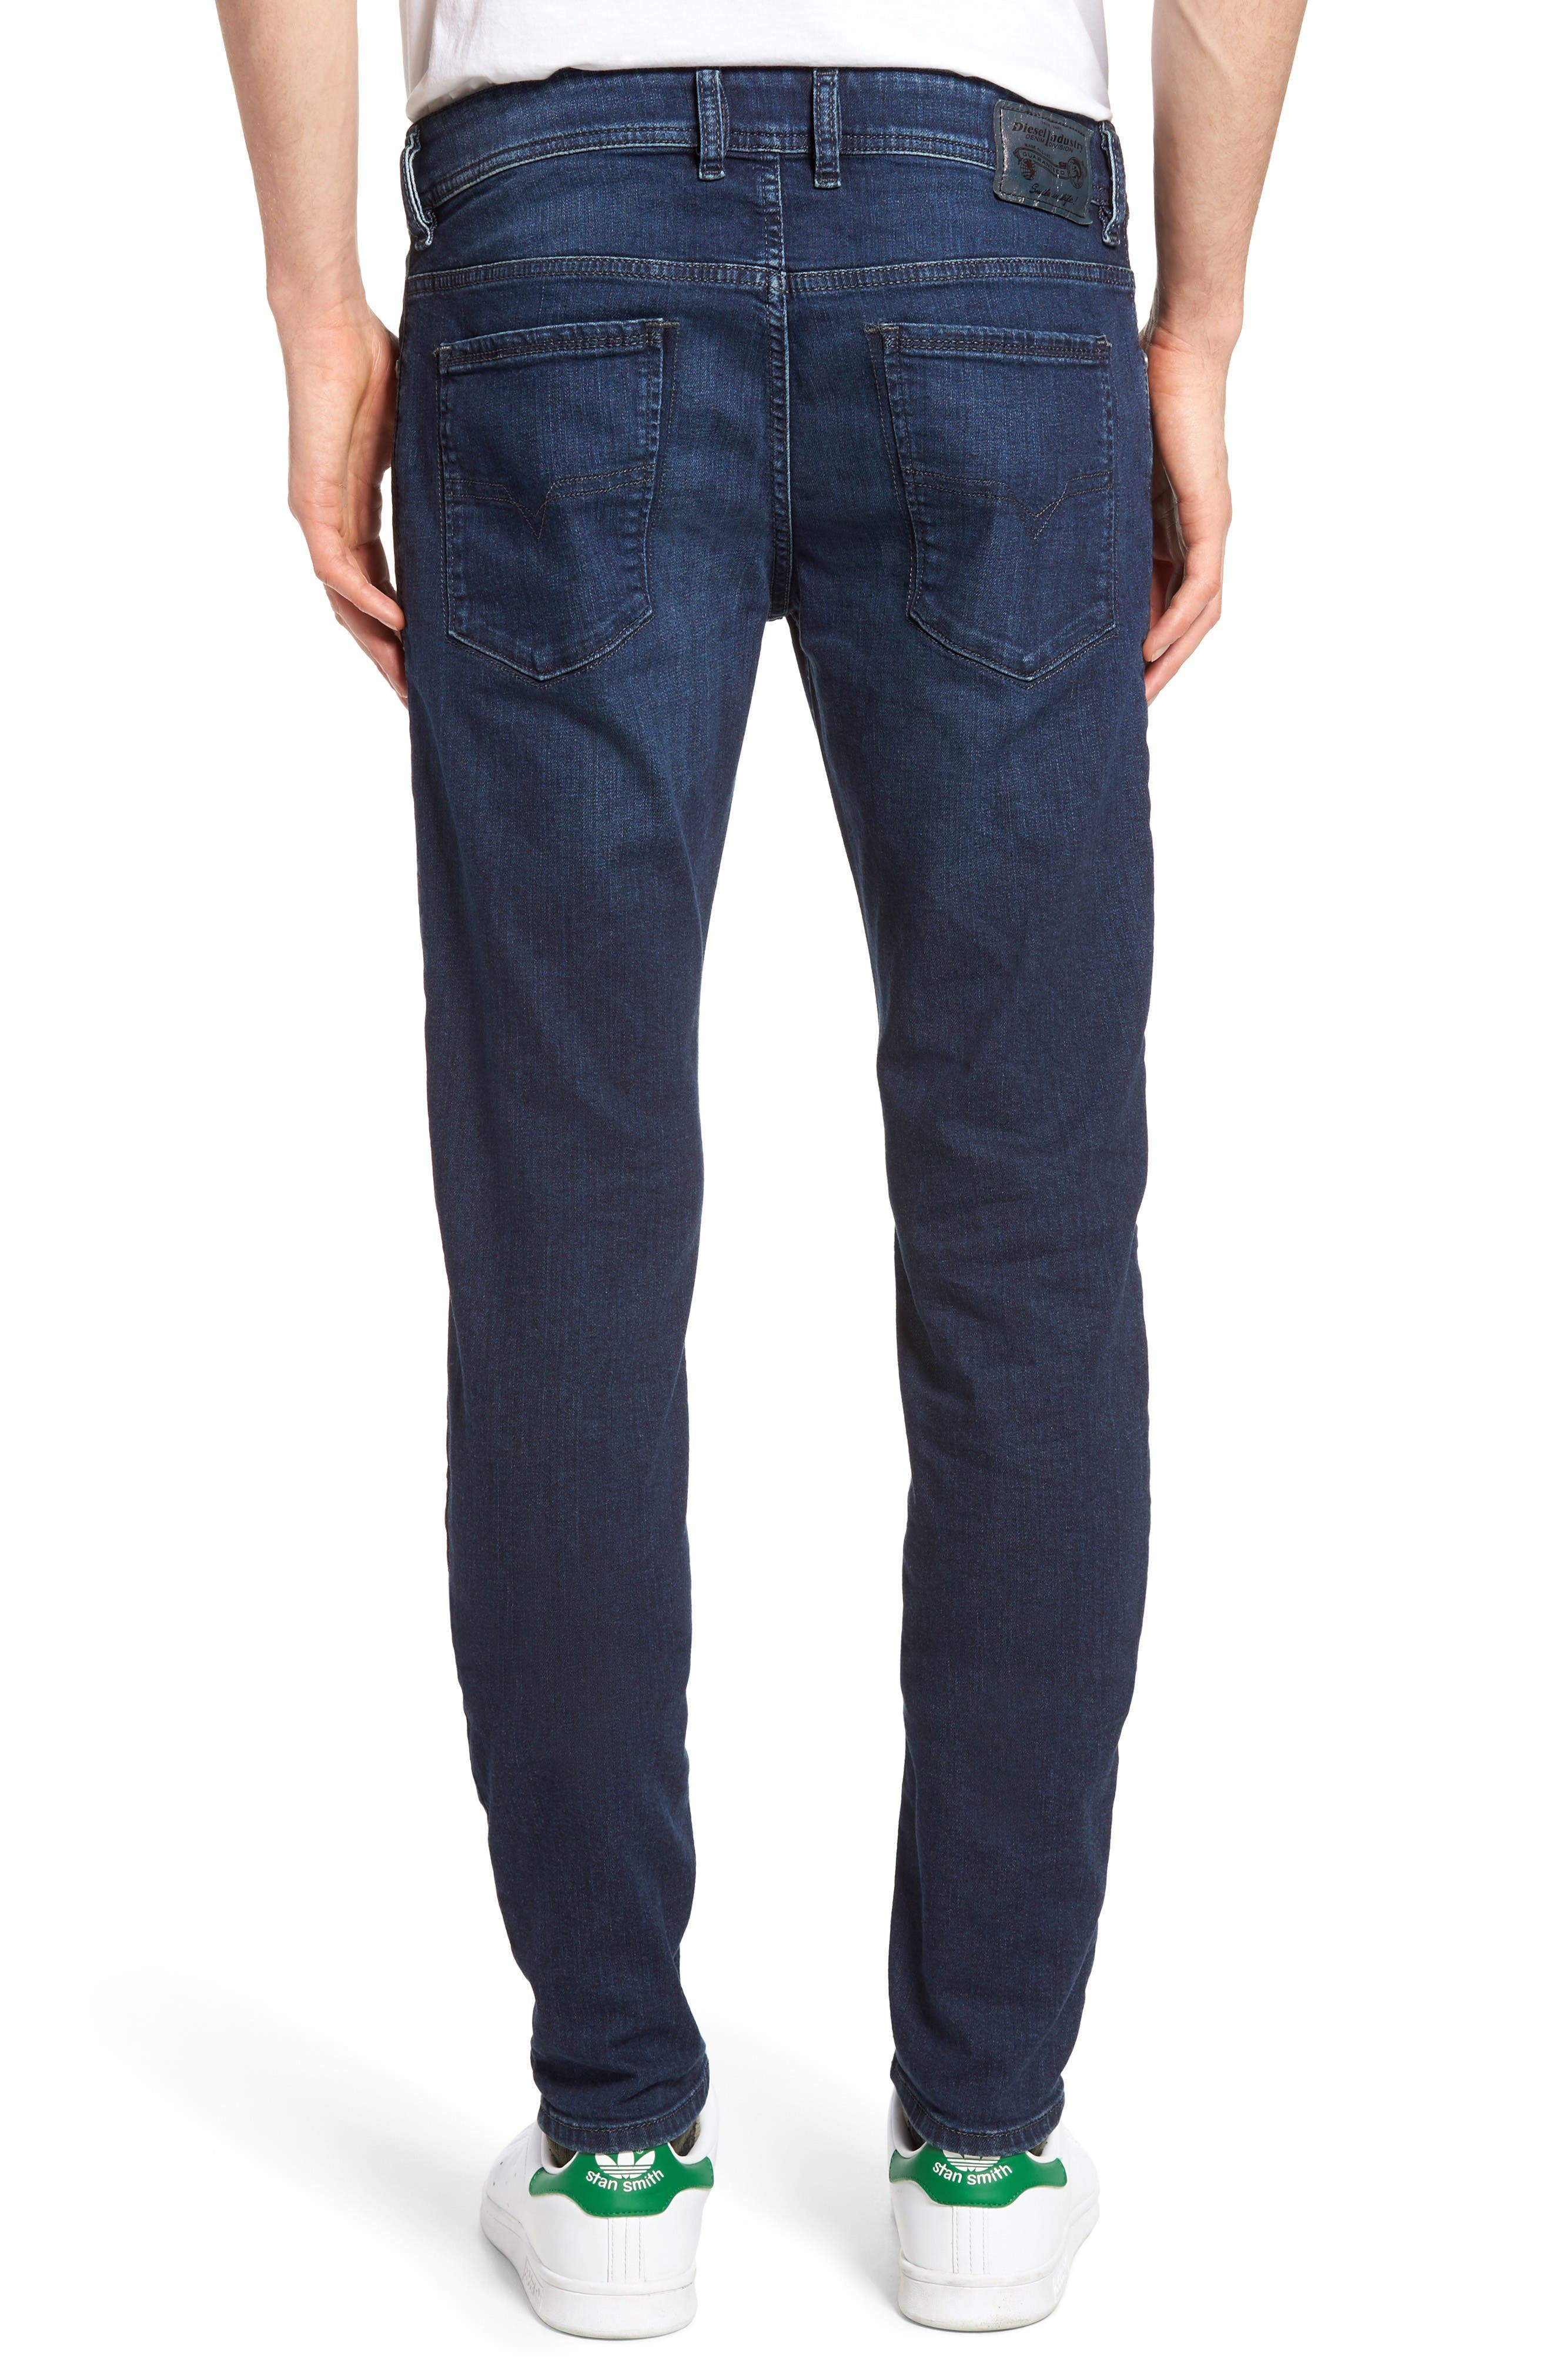 Sleenker Skinny Fit Jeans,                             Alternate thumbnail 2, color,                             0854E